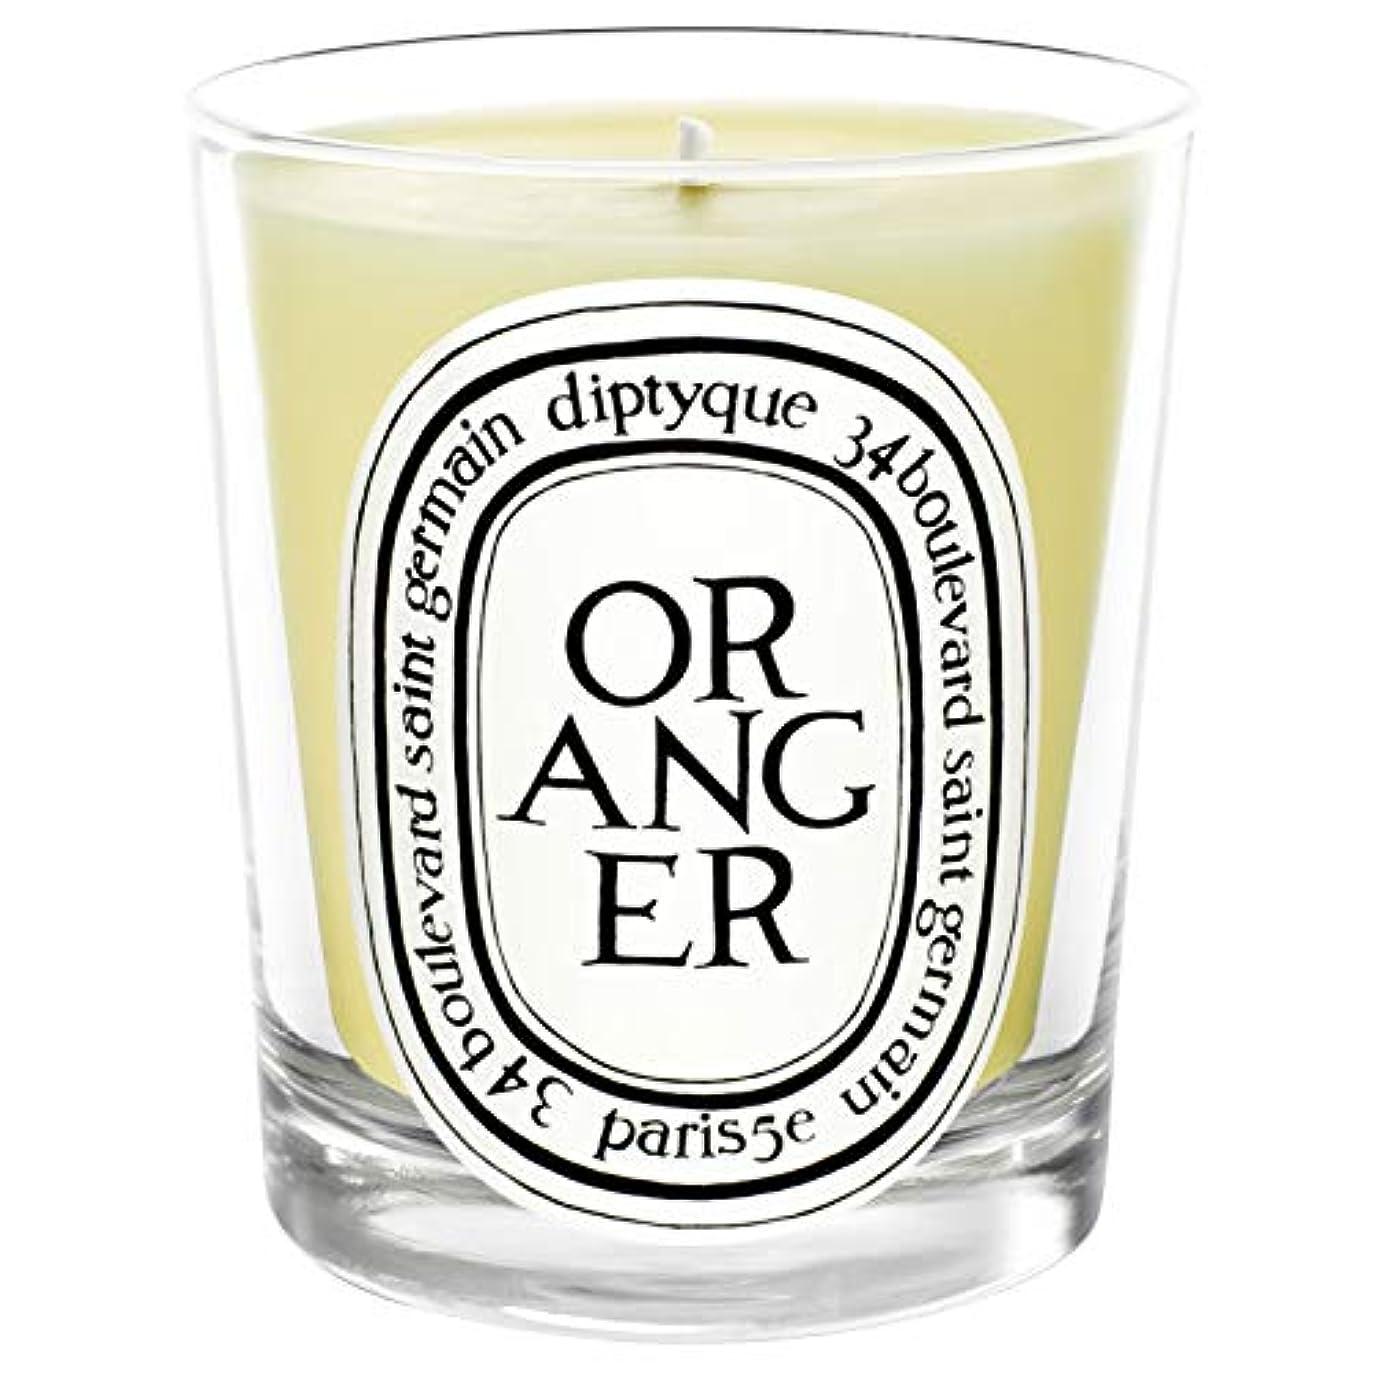 助手蒸気変色する[Diptyque] Diptyqueのオランジェ香りのキャンドル190グラム - Diptyque Oranger Scented Candle 190g [並行輸入品]